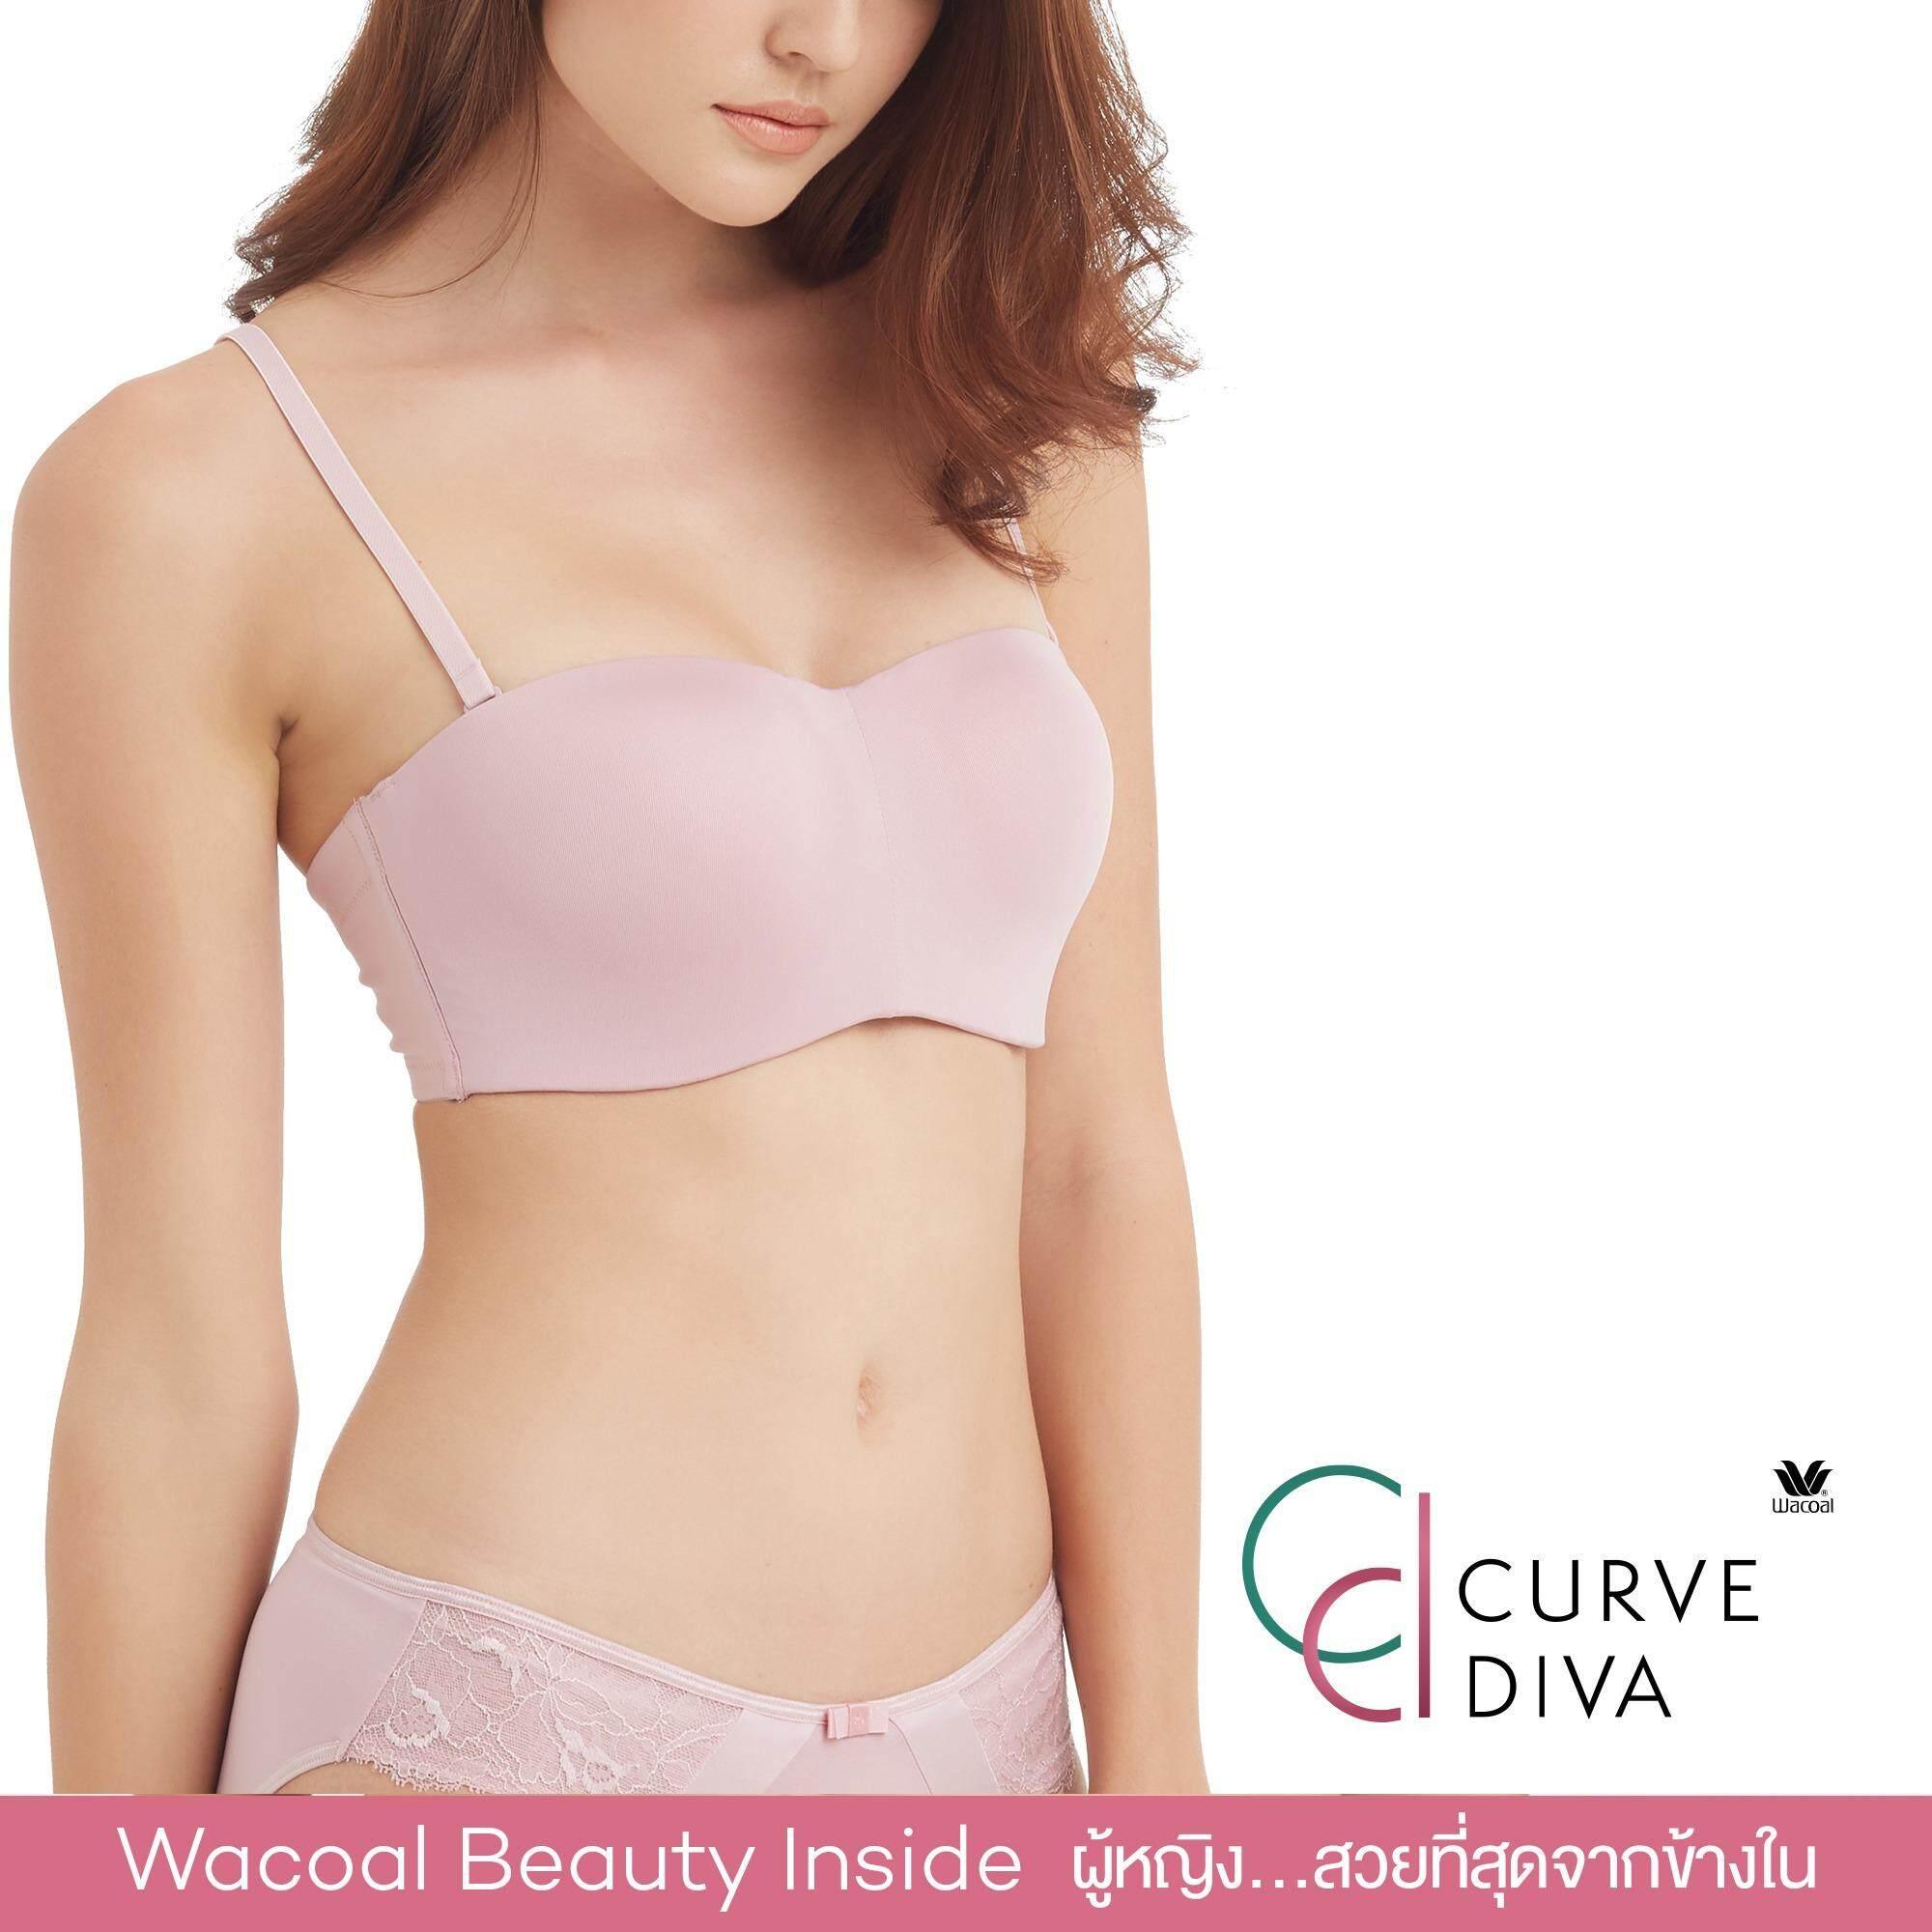 ซื้อ Wacoal Curve Diva Switching Bra บราสลับสายบ่า 1 2 Cup สีชมพูกุหลาบป่า Wild Rose Wb7939Wr ใน ไทย